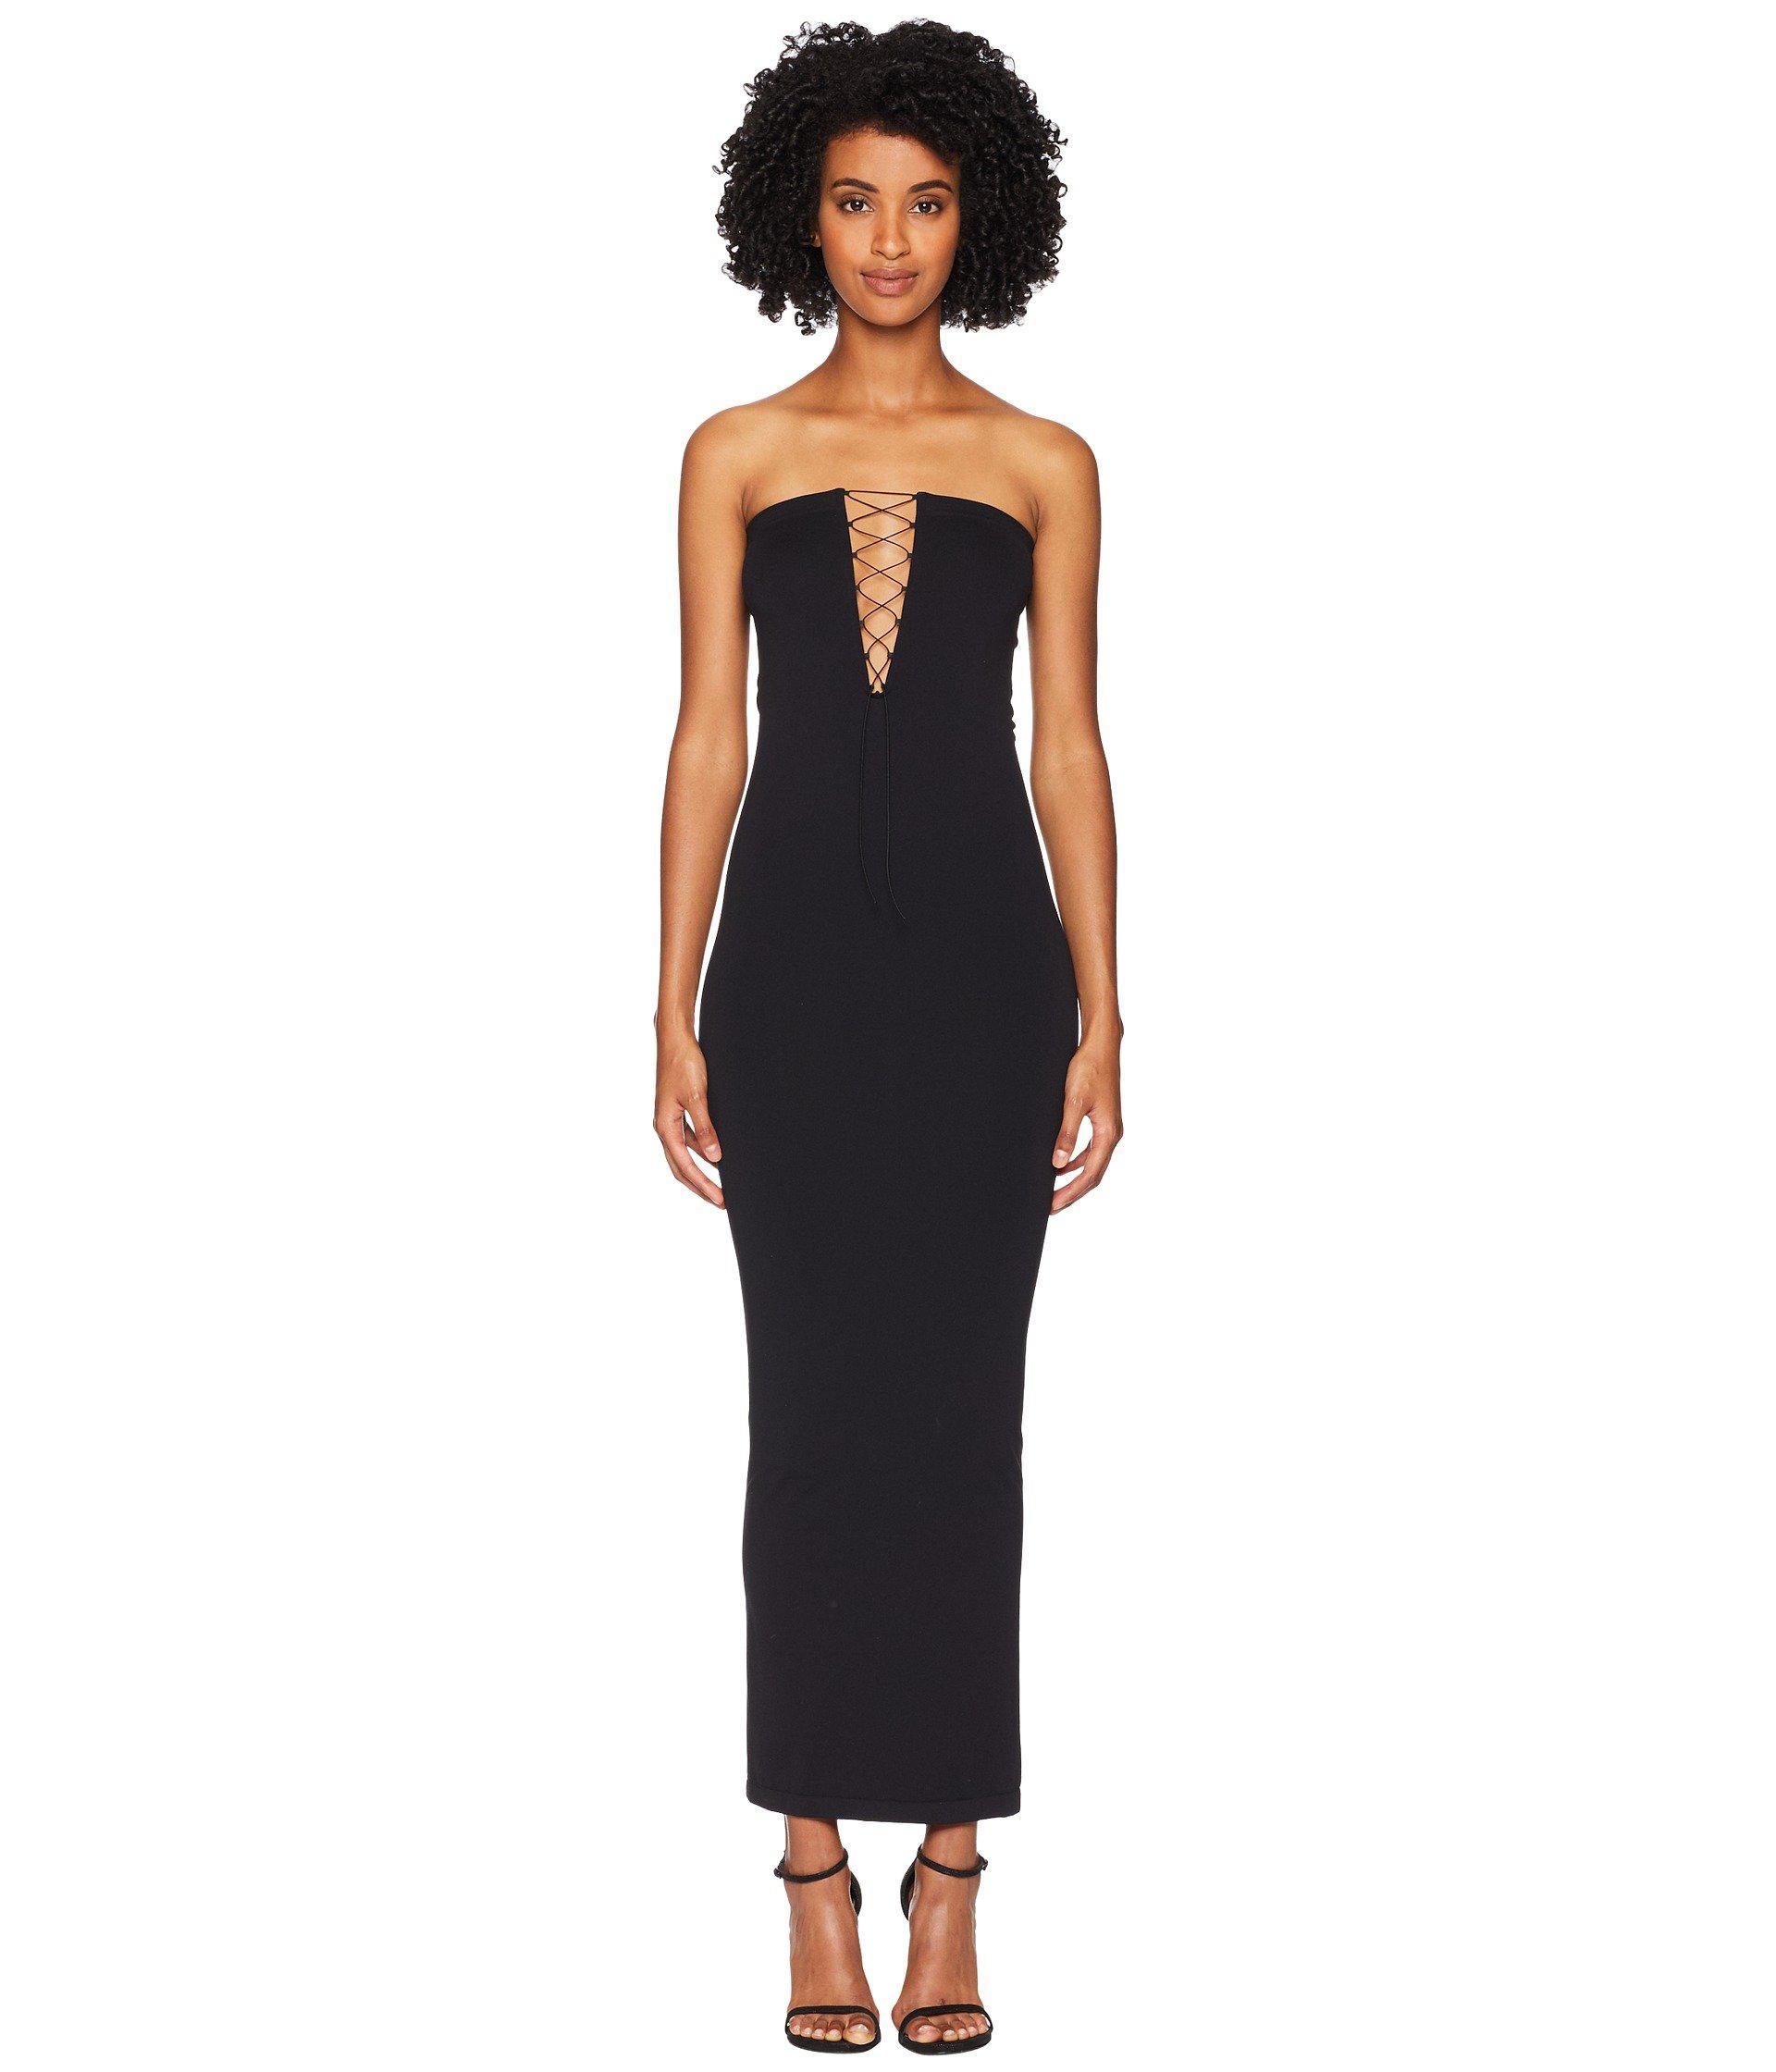 b46b9b56ae25 Wolford Grace Dress in Black - Lyst